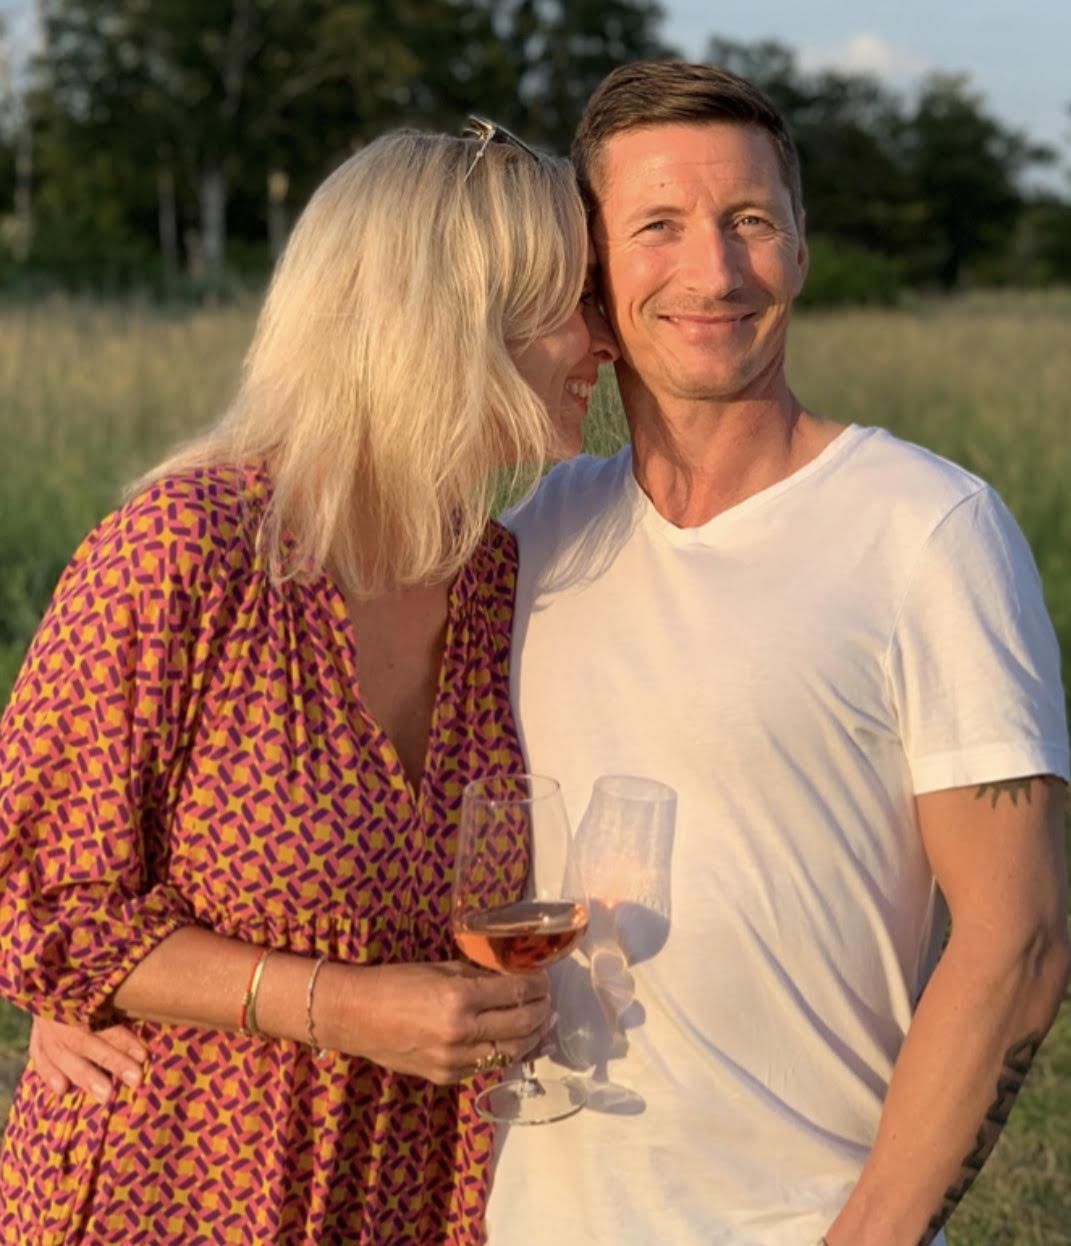 Parforhold, flytter sammen, Kasper, kærlighed